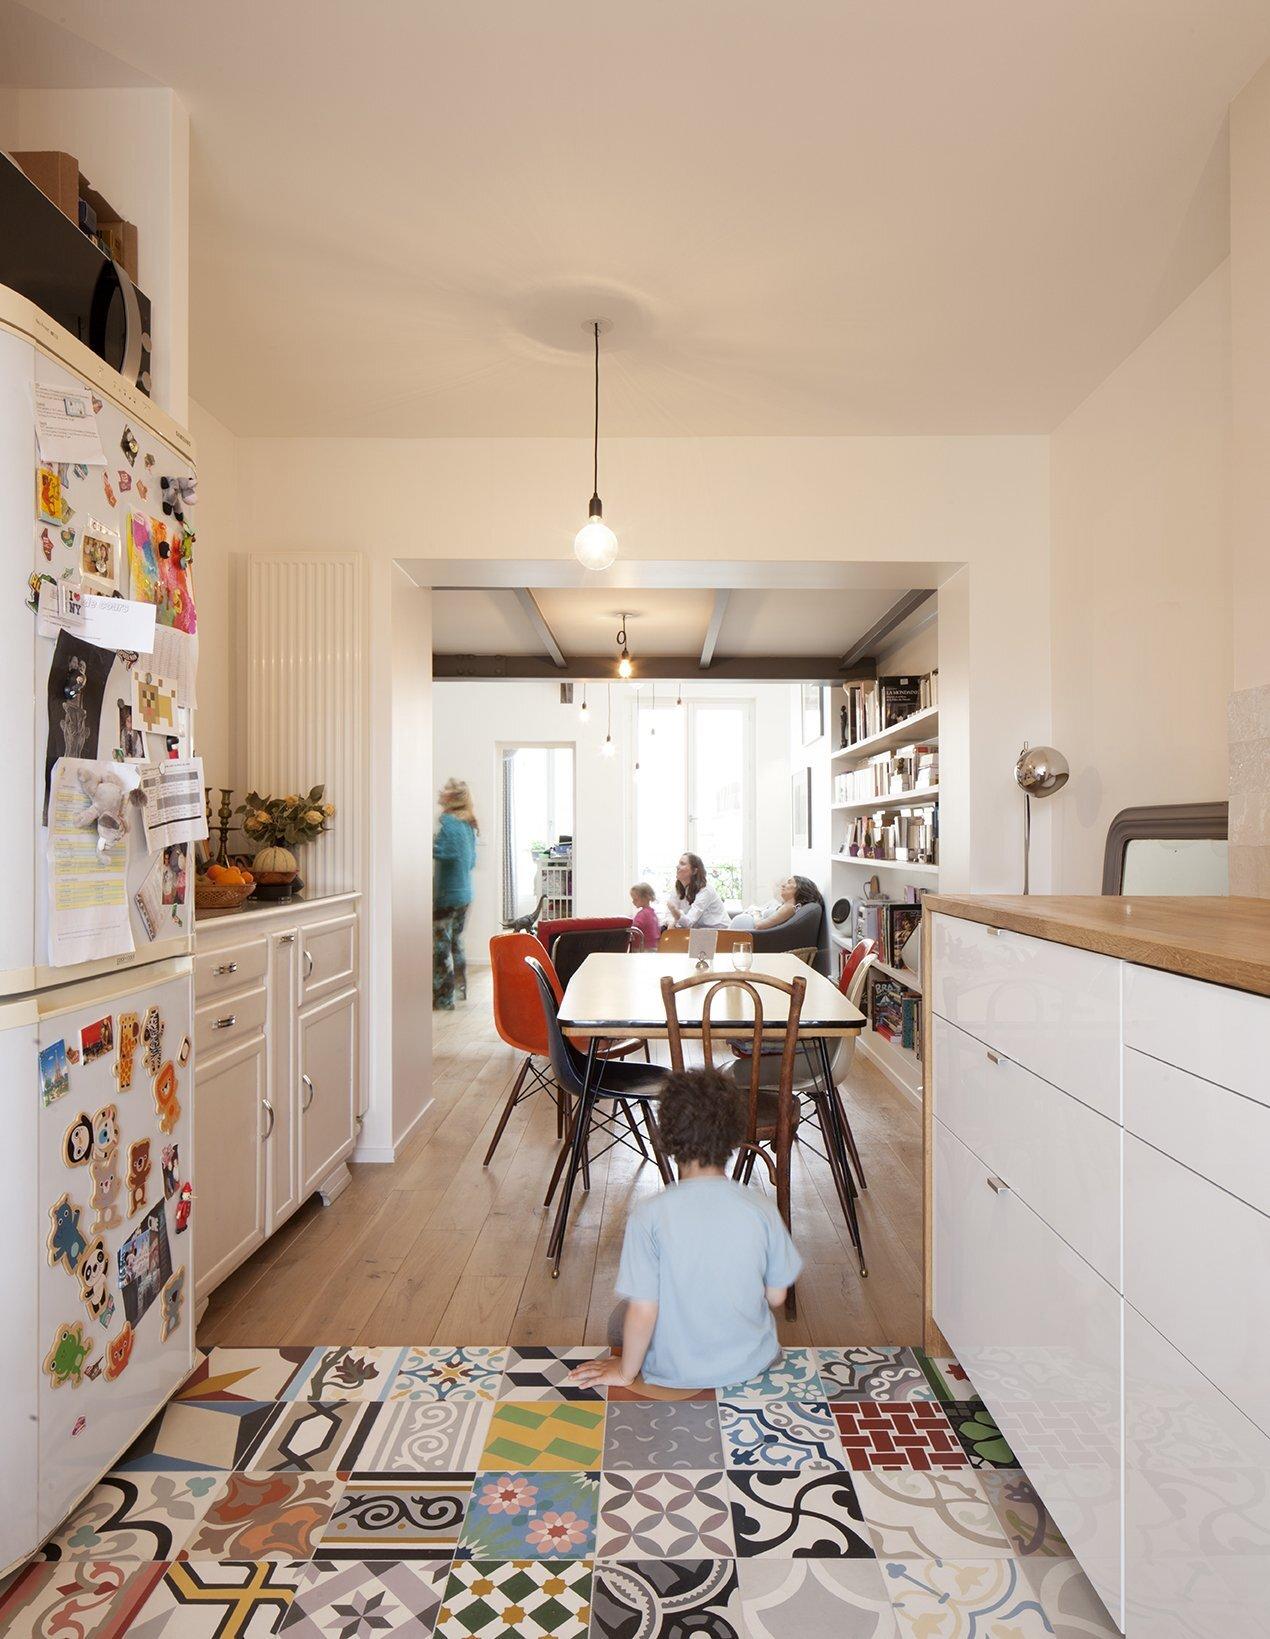 Duplex in Saint-Mande - CAIROS Architecture et Paysage - France - Kitchen - Humble Homes